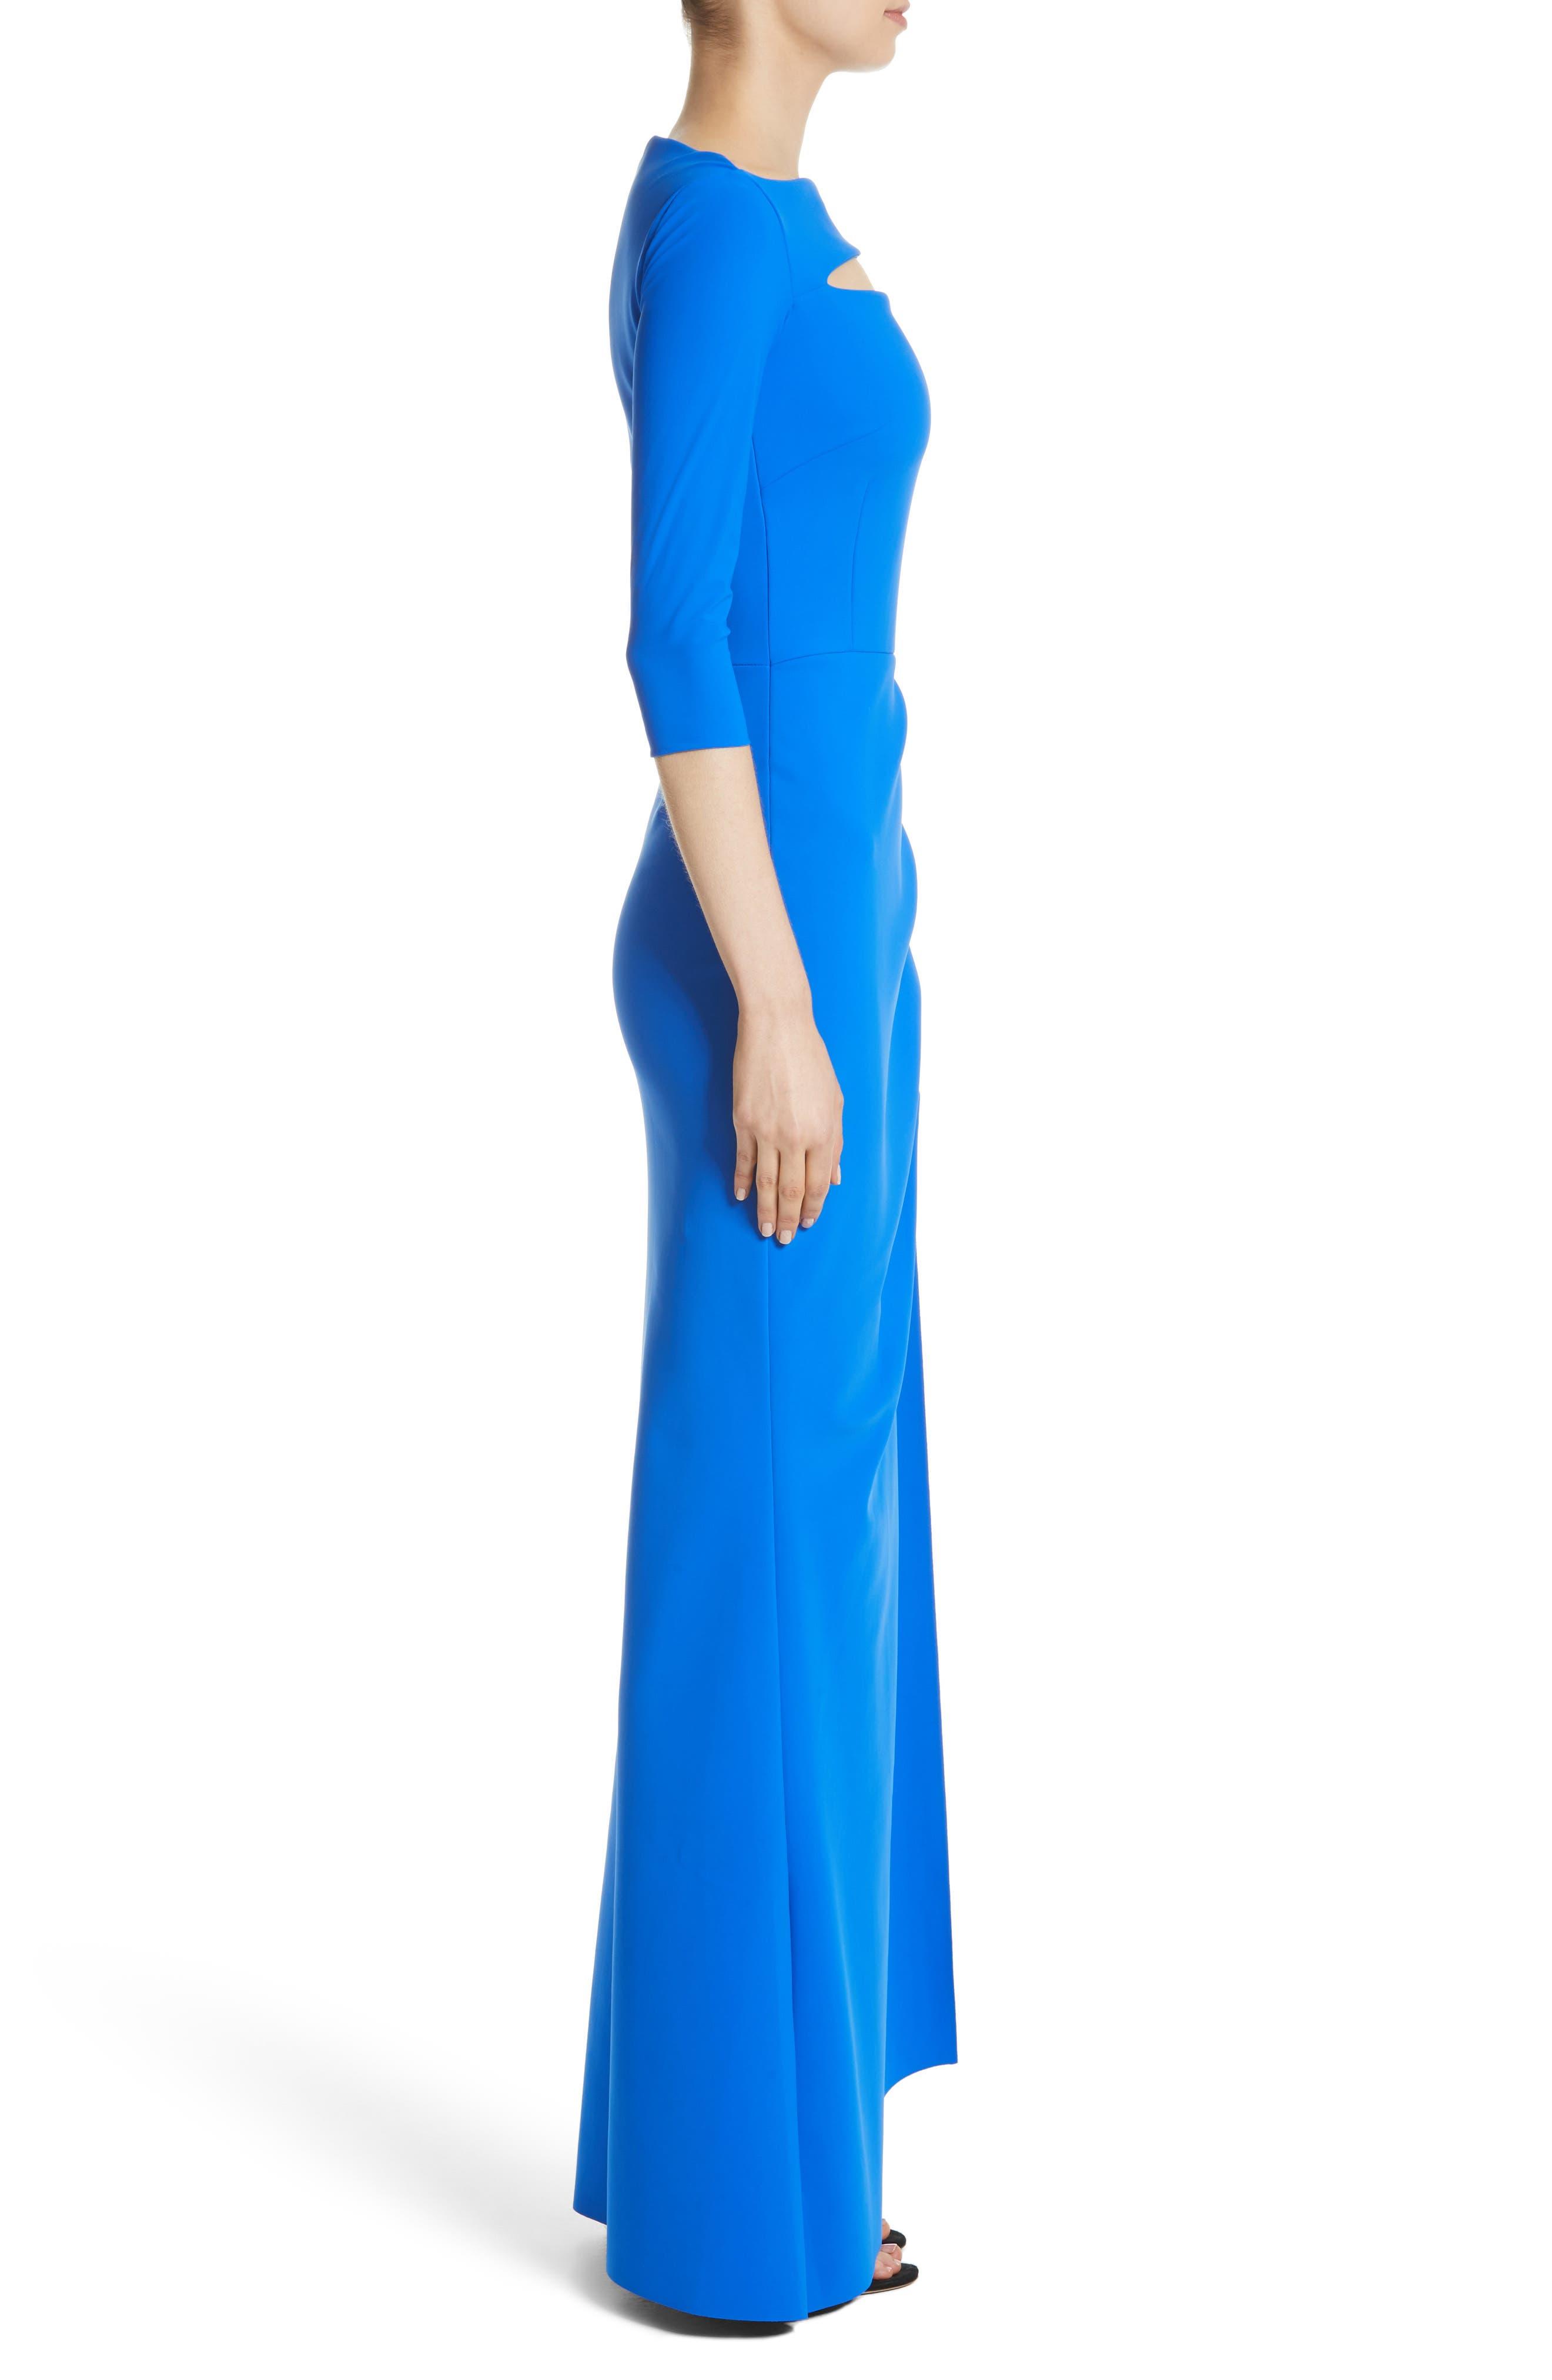 Alternate Image 3  - Chiara Boni La Petite Robe Slit Bodice Drape Front Gown